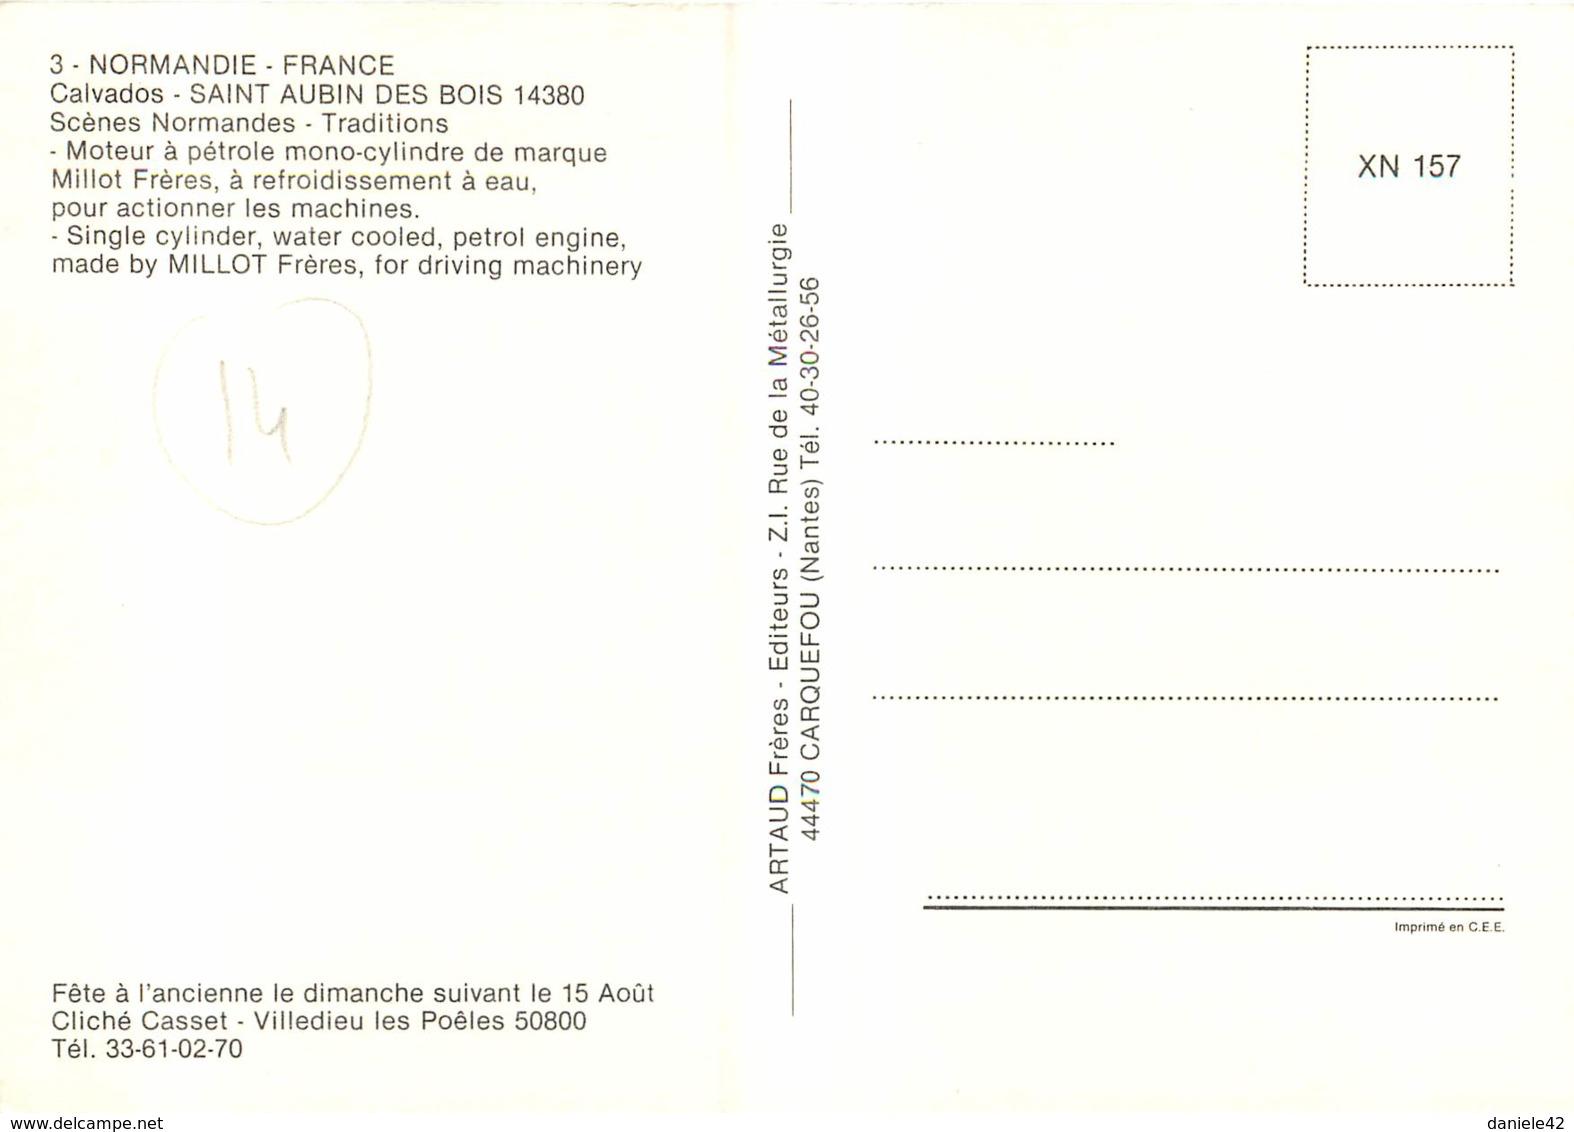 14 - SAINT AUBIN DES BOIS - France